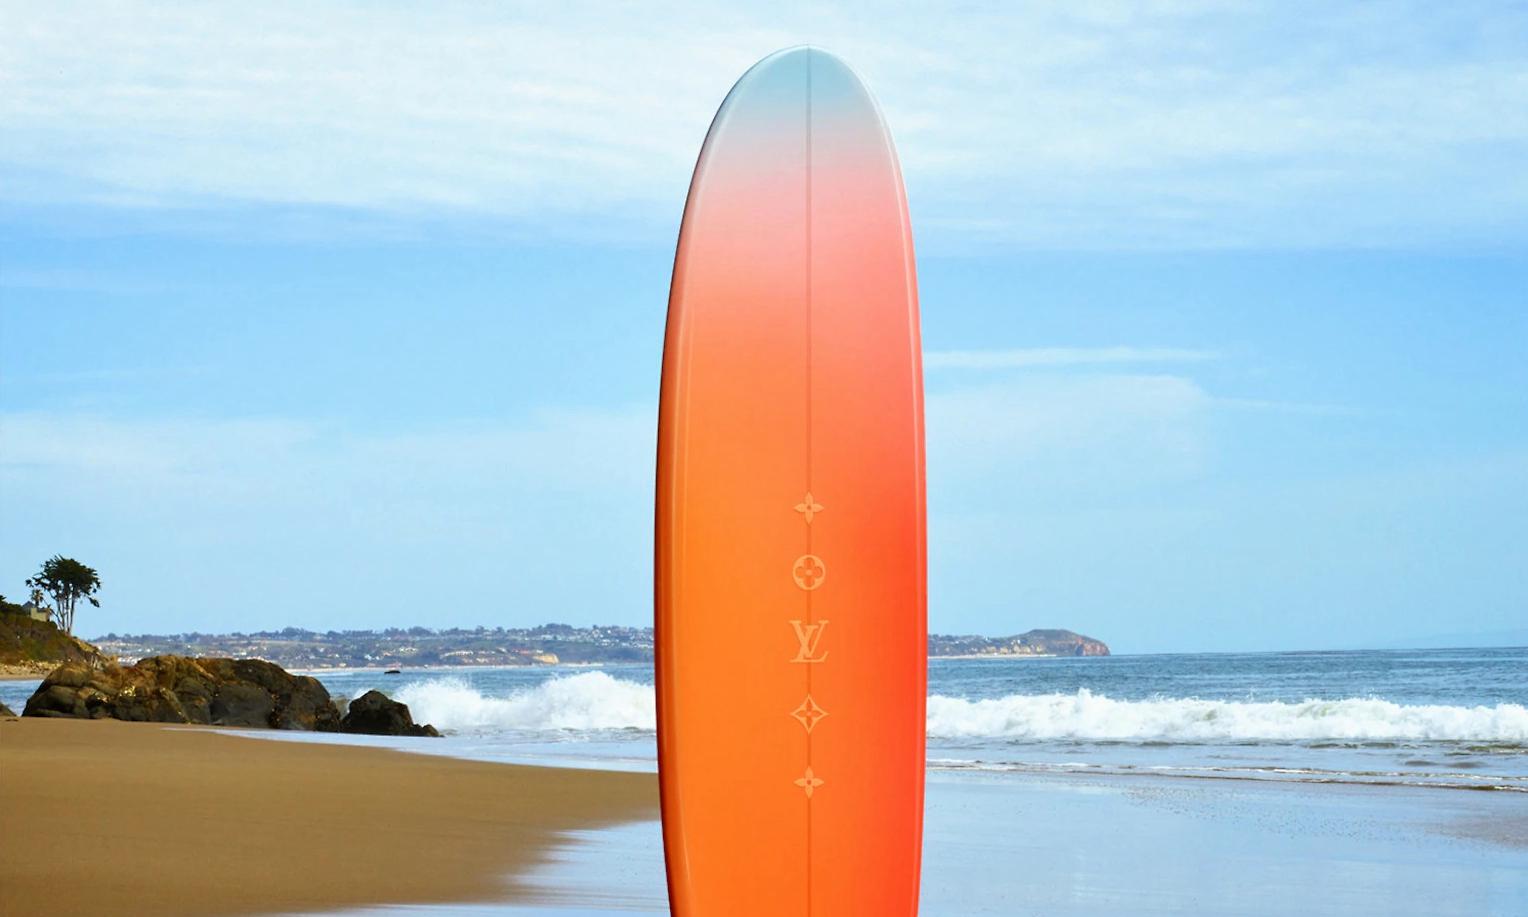 售价 10 万港币的 LV 冲浪板,「冲吗」?